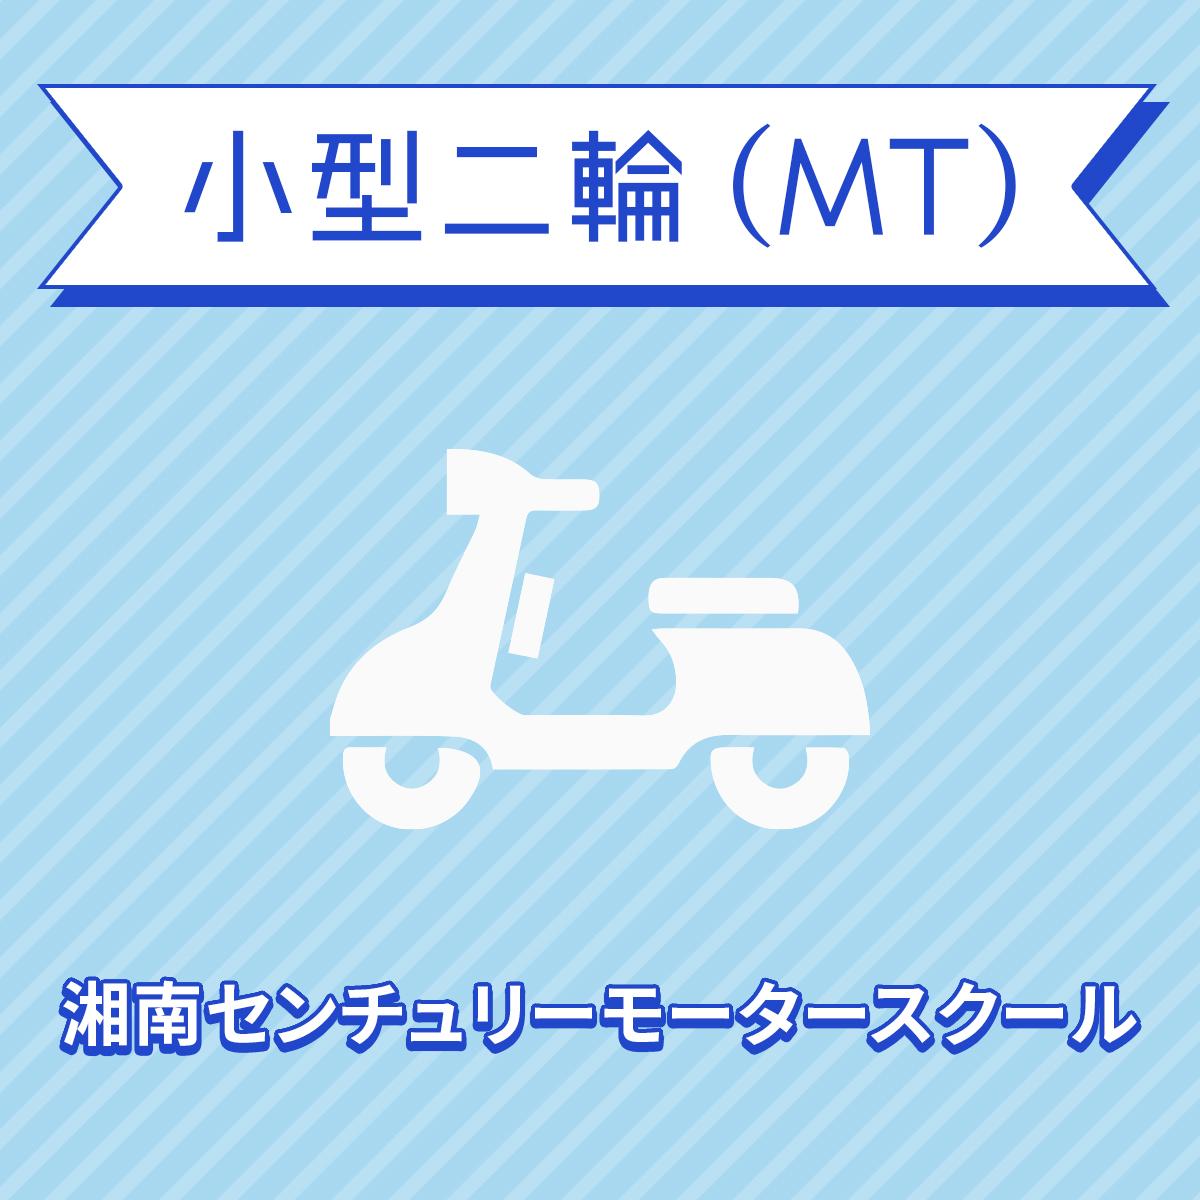 【神奈川県藤沢市】小型二輪MTコース<普通免許所持対象>